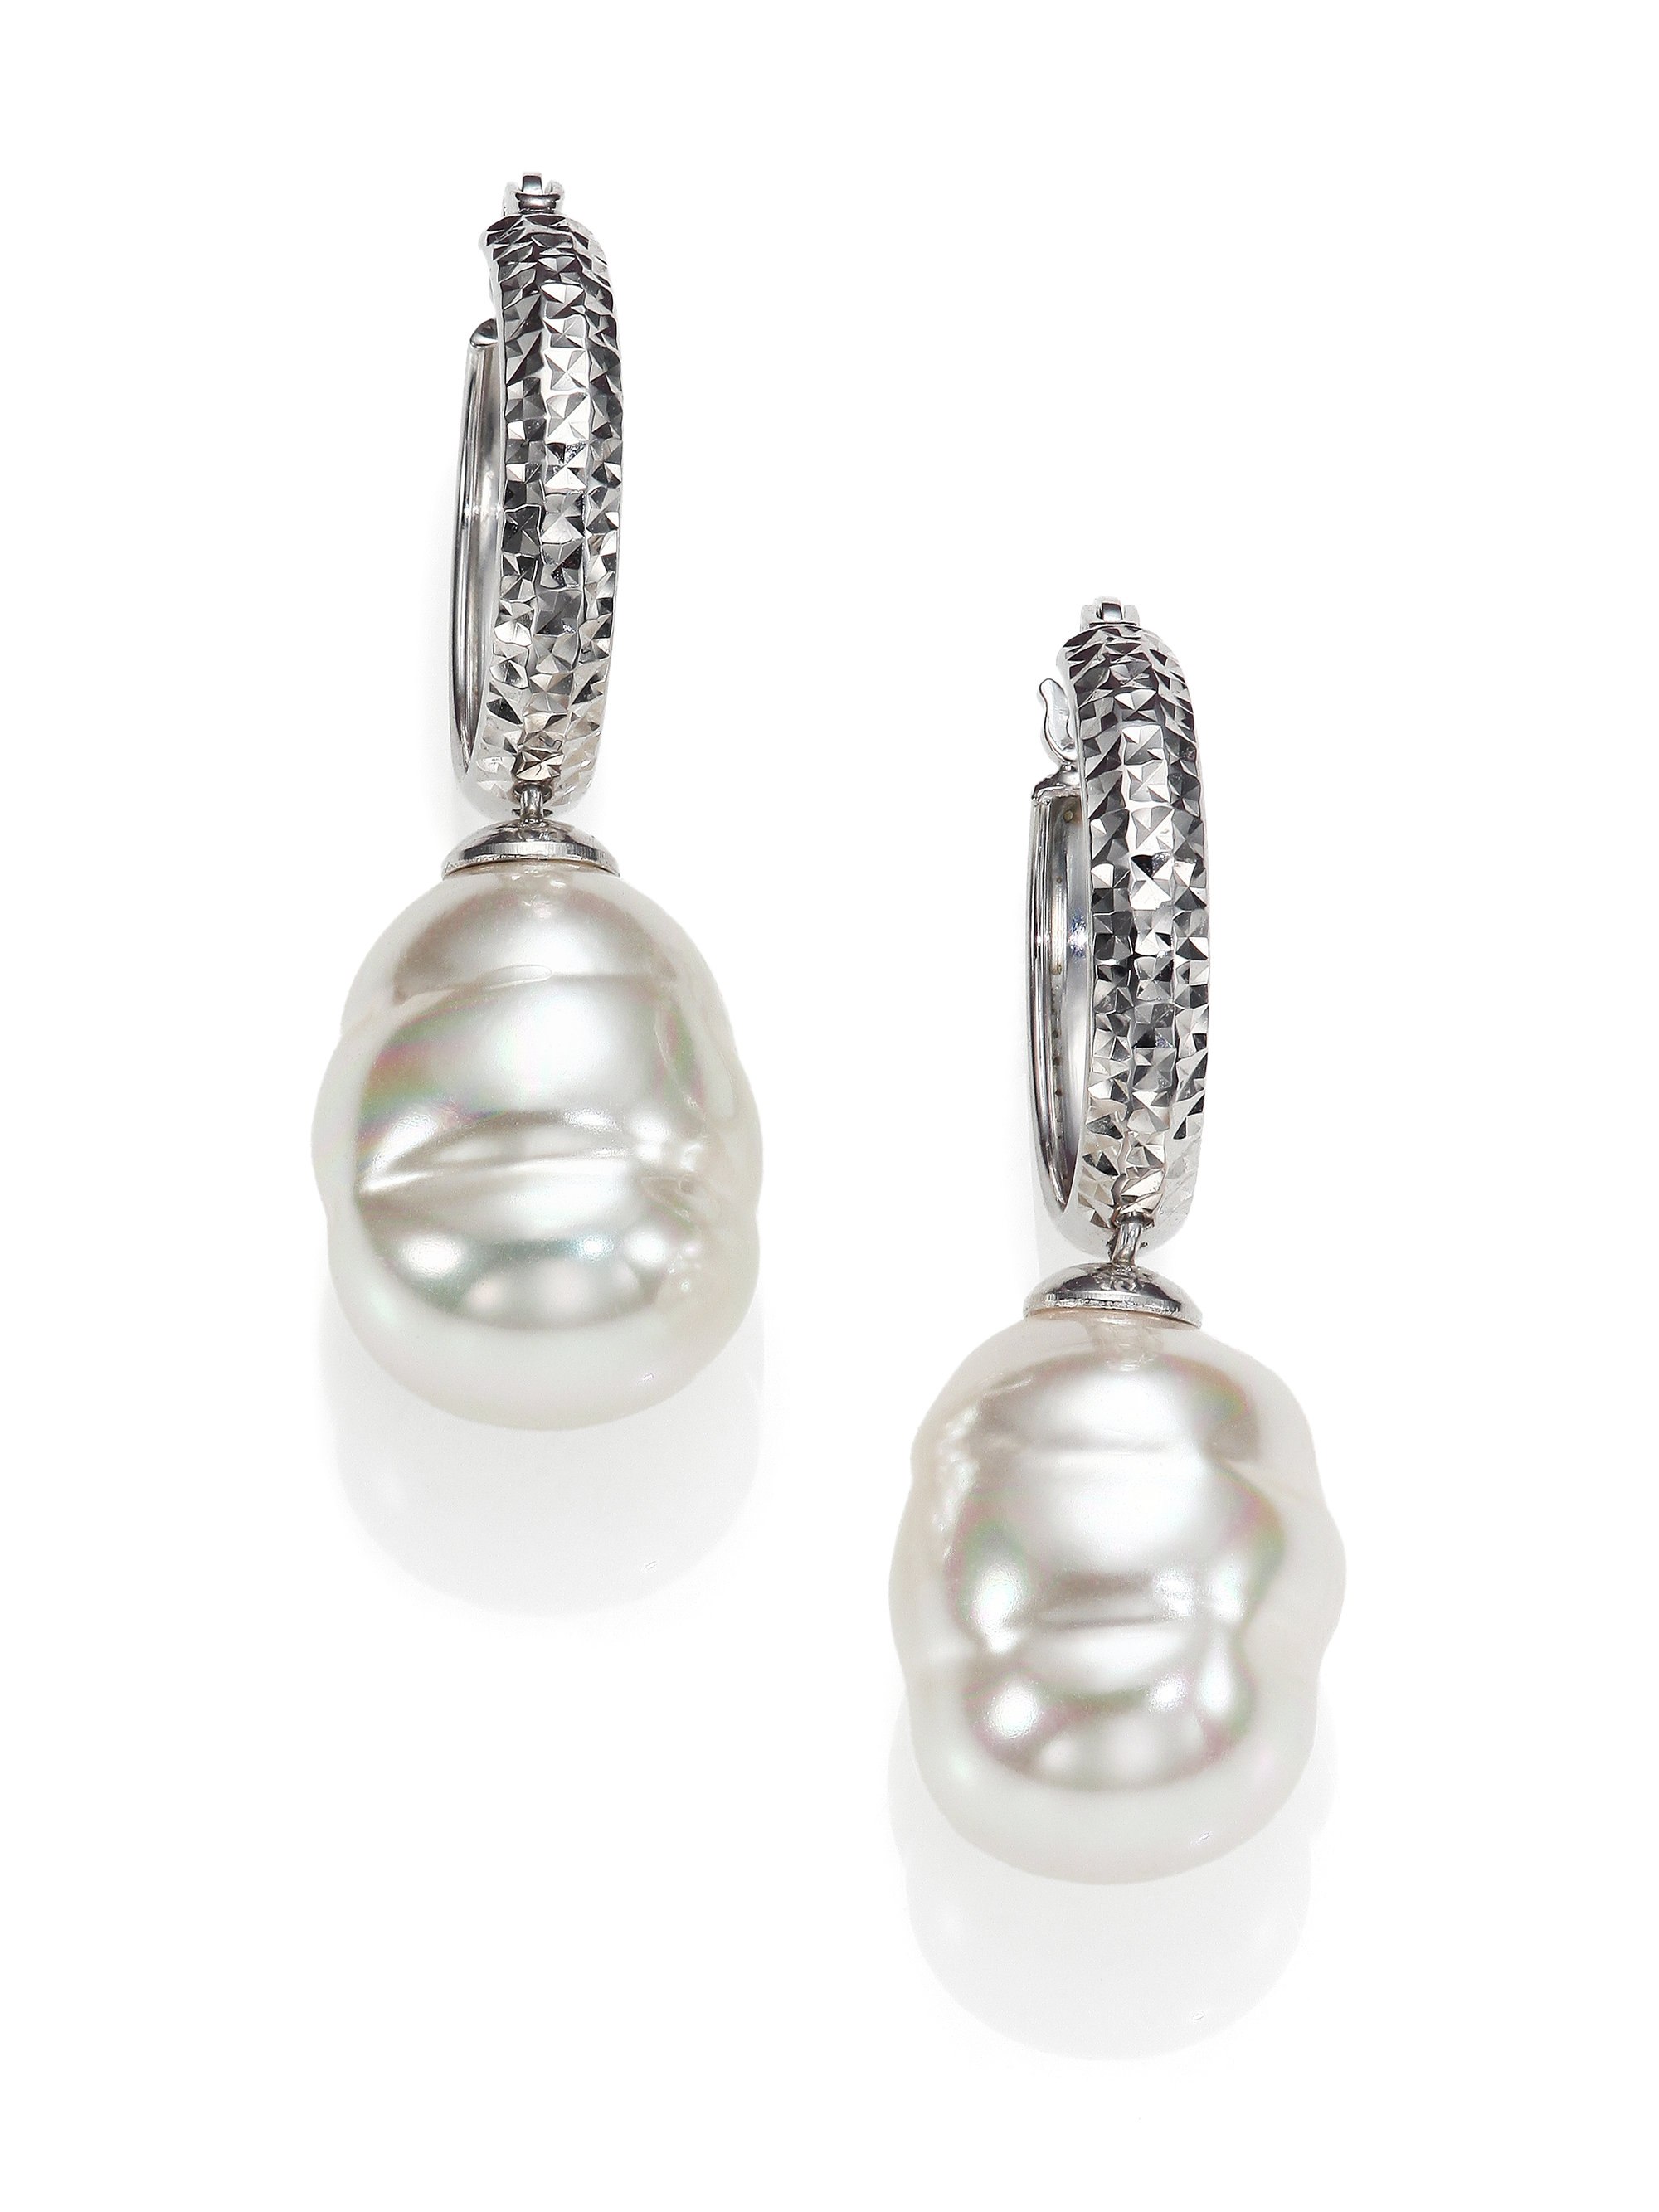 Majorica 12mm White Baroque Pearl & Stering Silver Dangle Huggie